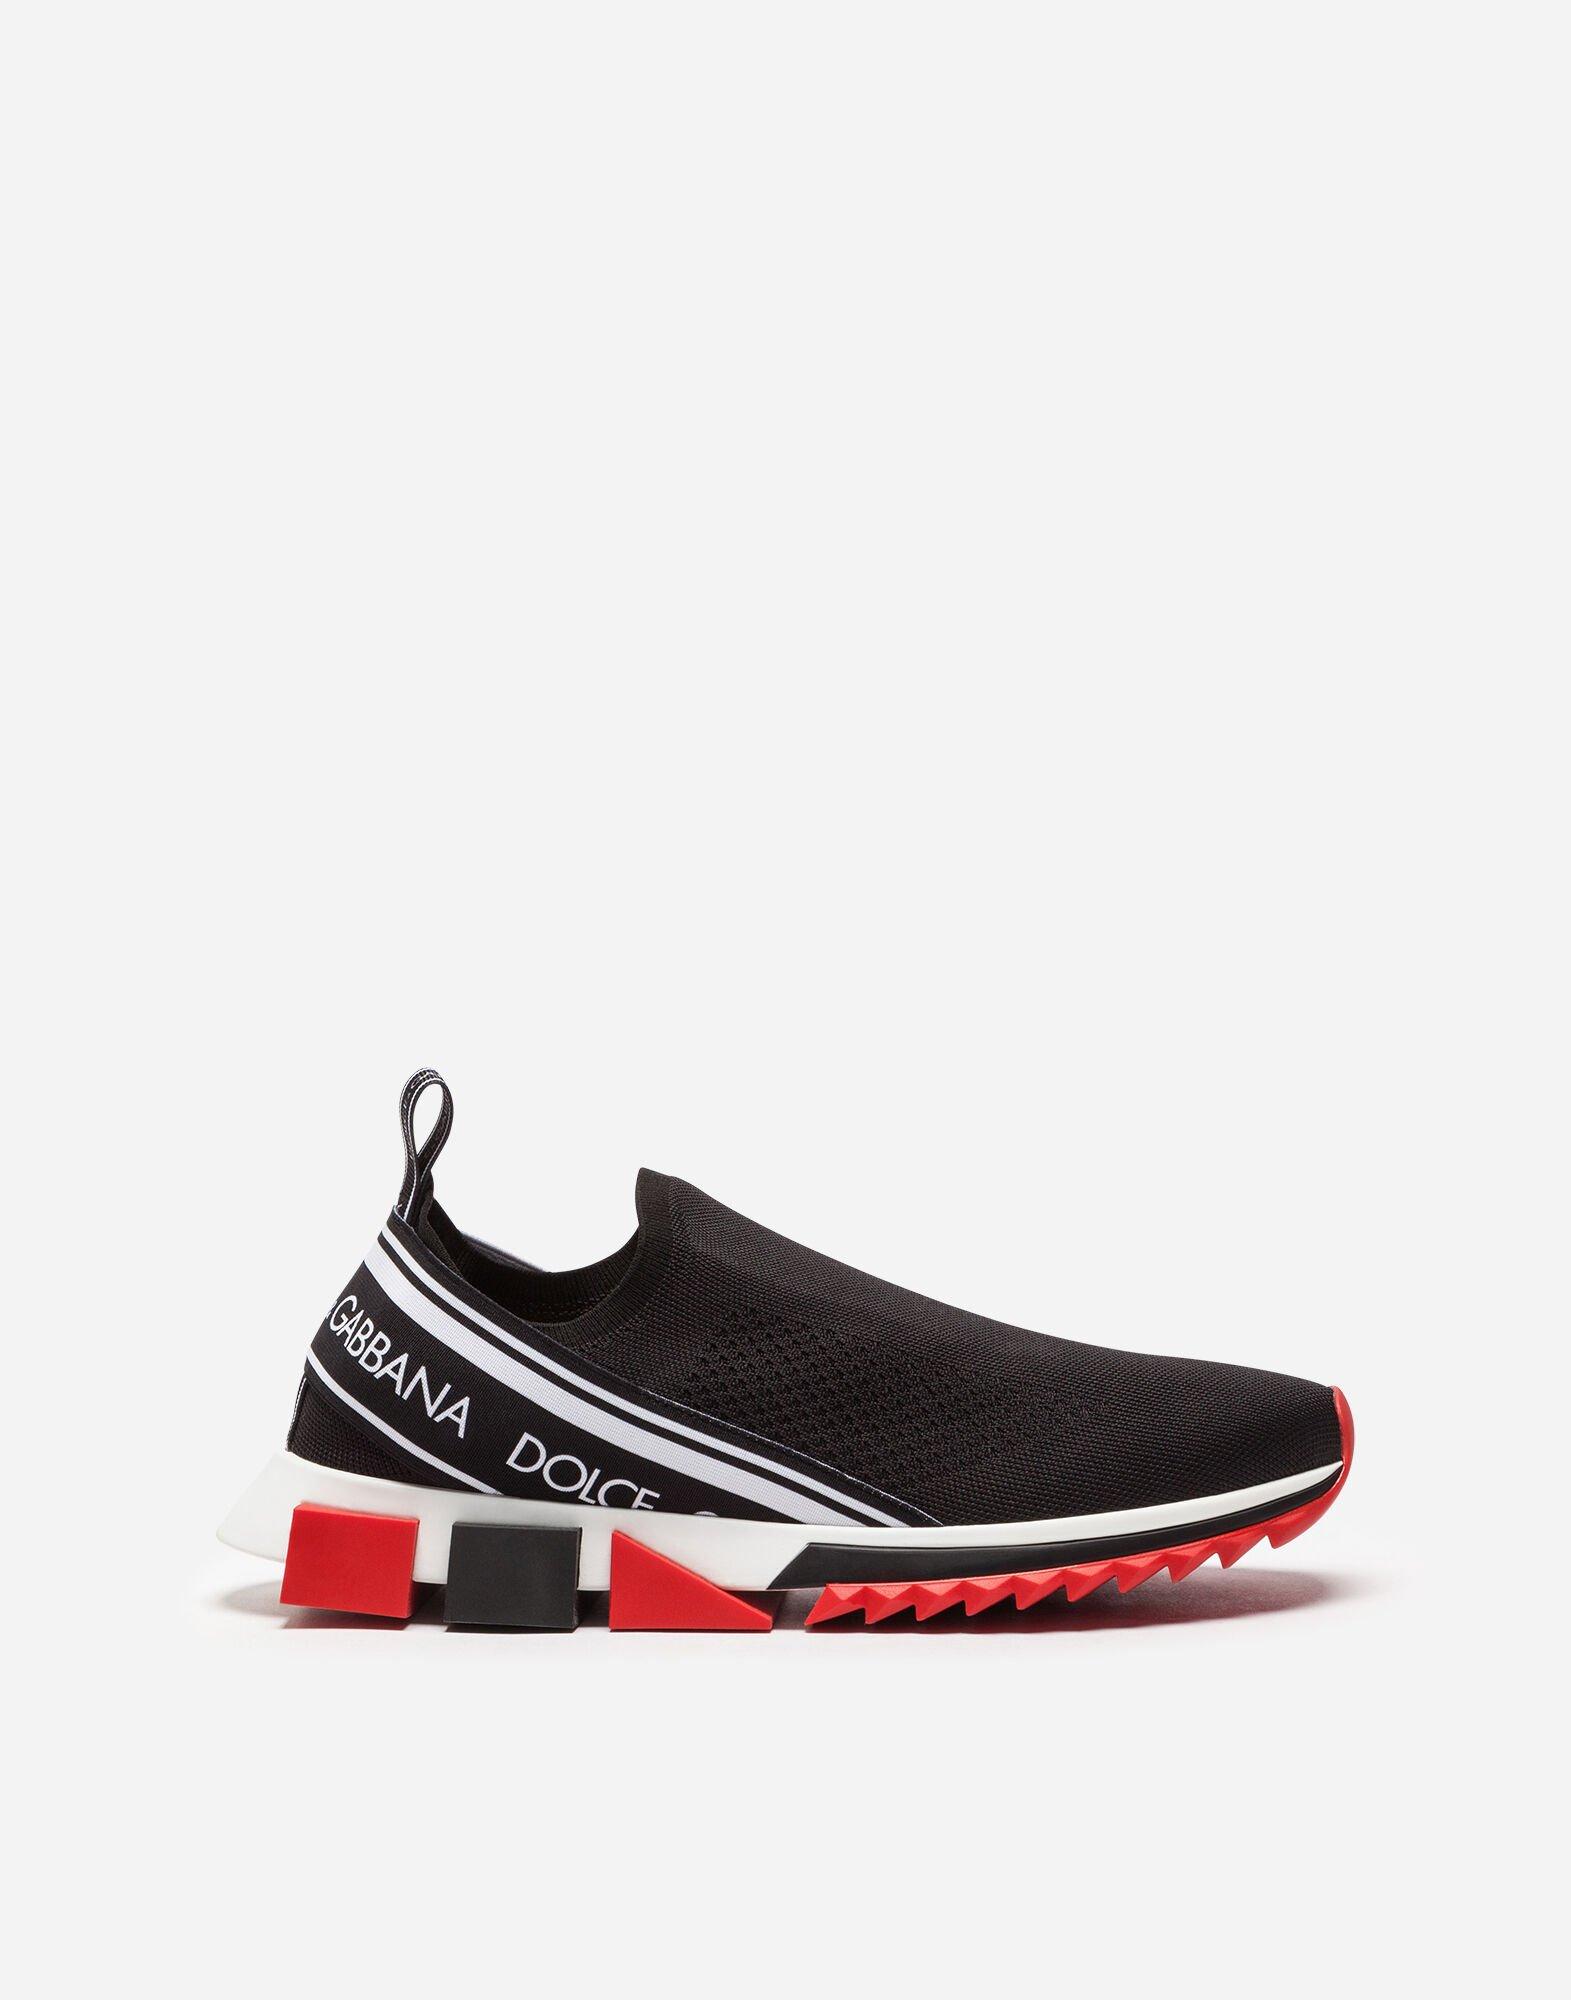 Chaussures De Sport Pour Les Hommes En Vente, Blanc, Cuir, 2017, 39 42 Dolce & Gabbana